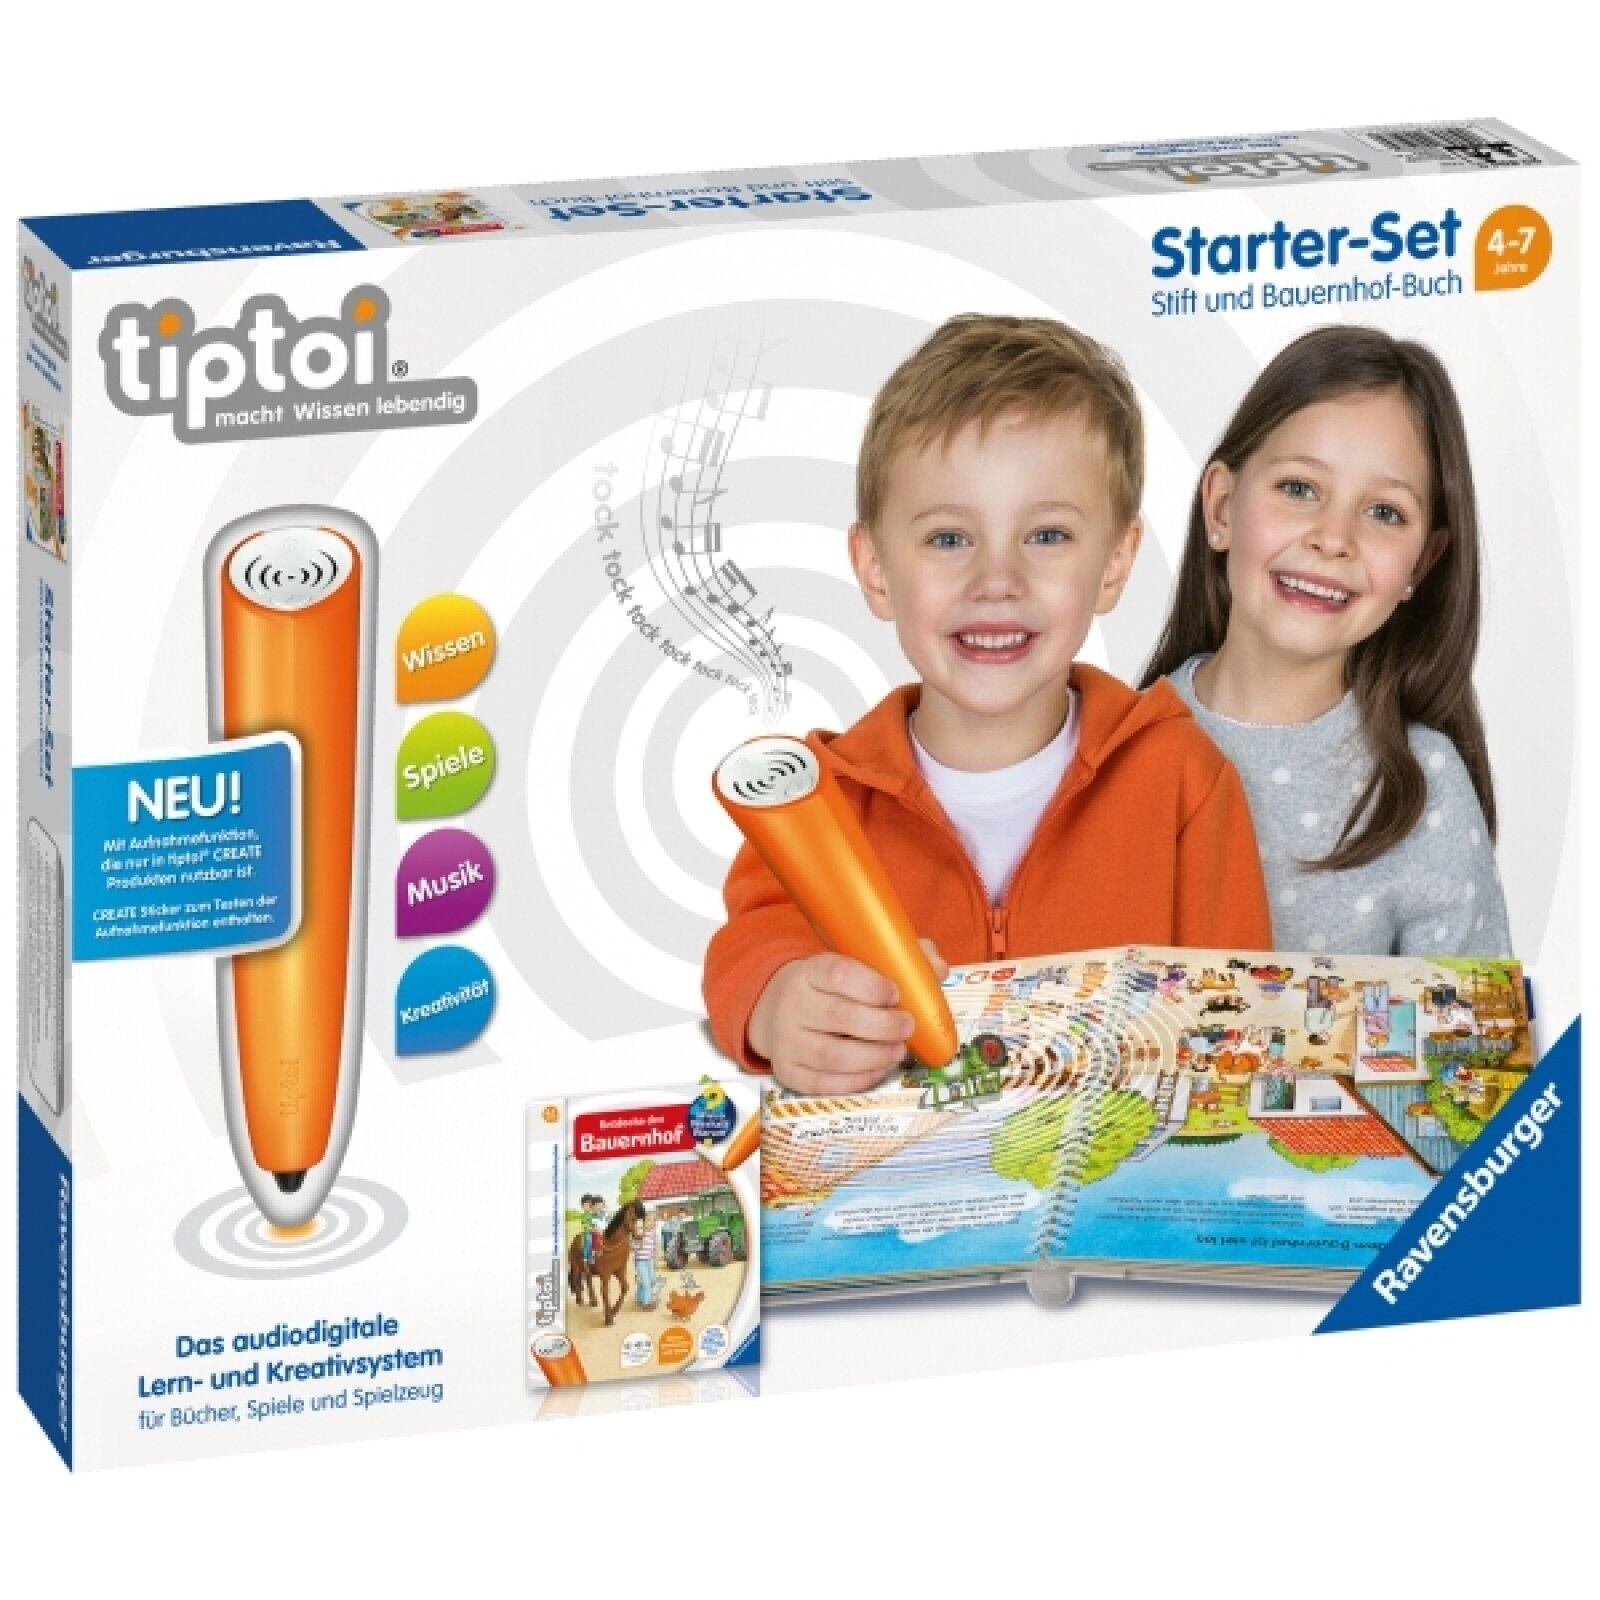 Ravensburger 8049 tiptoi® Starter-Set: Stift und Bauernhof-Buch